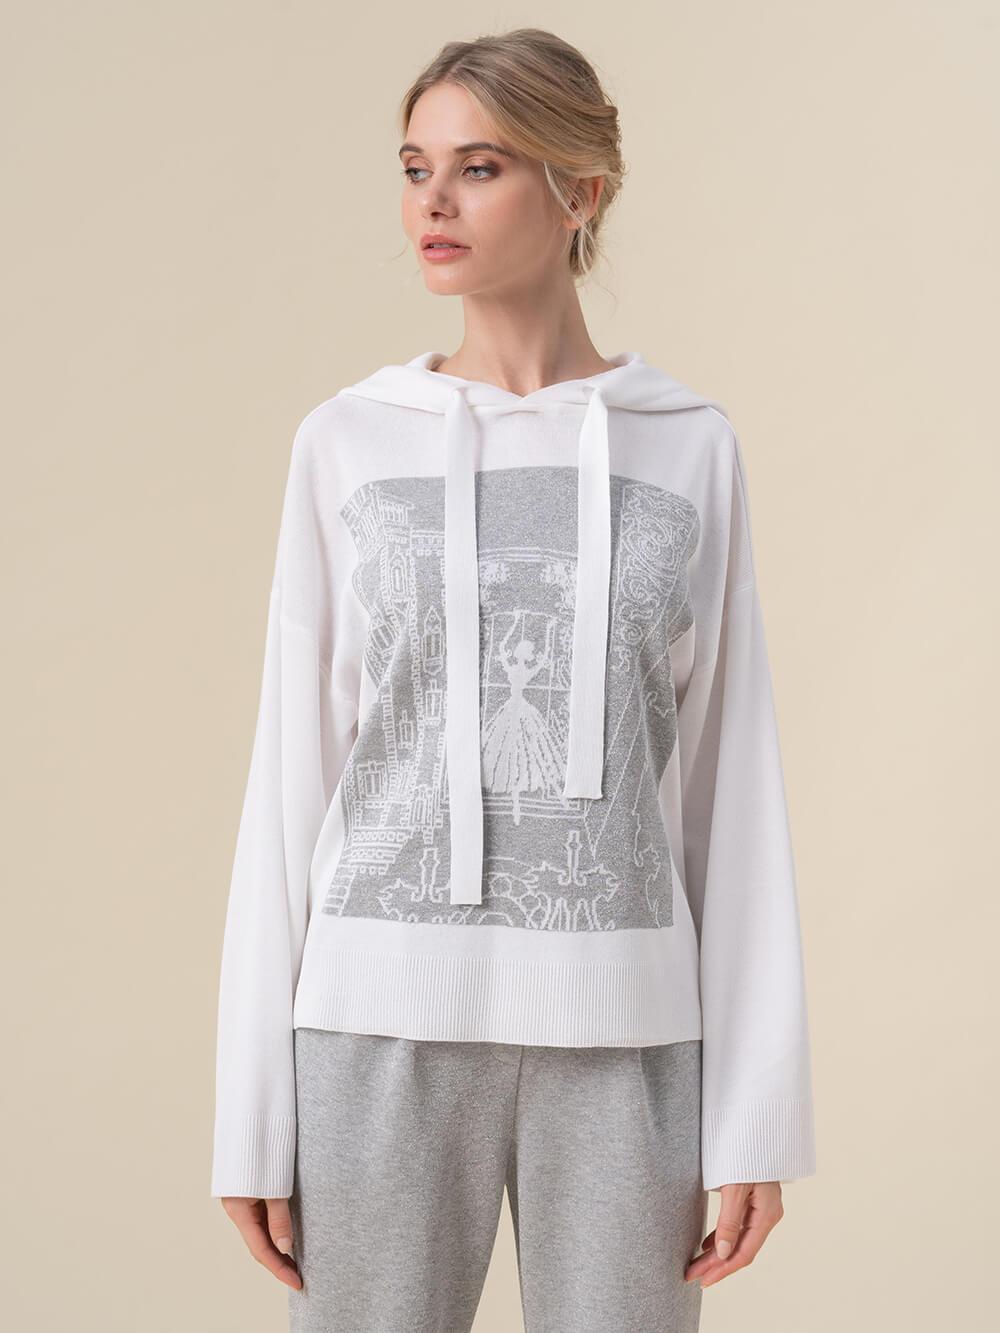 Женский джемпер белого цвета с принтом и капюшоном - фото 1